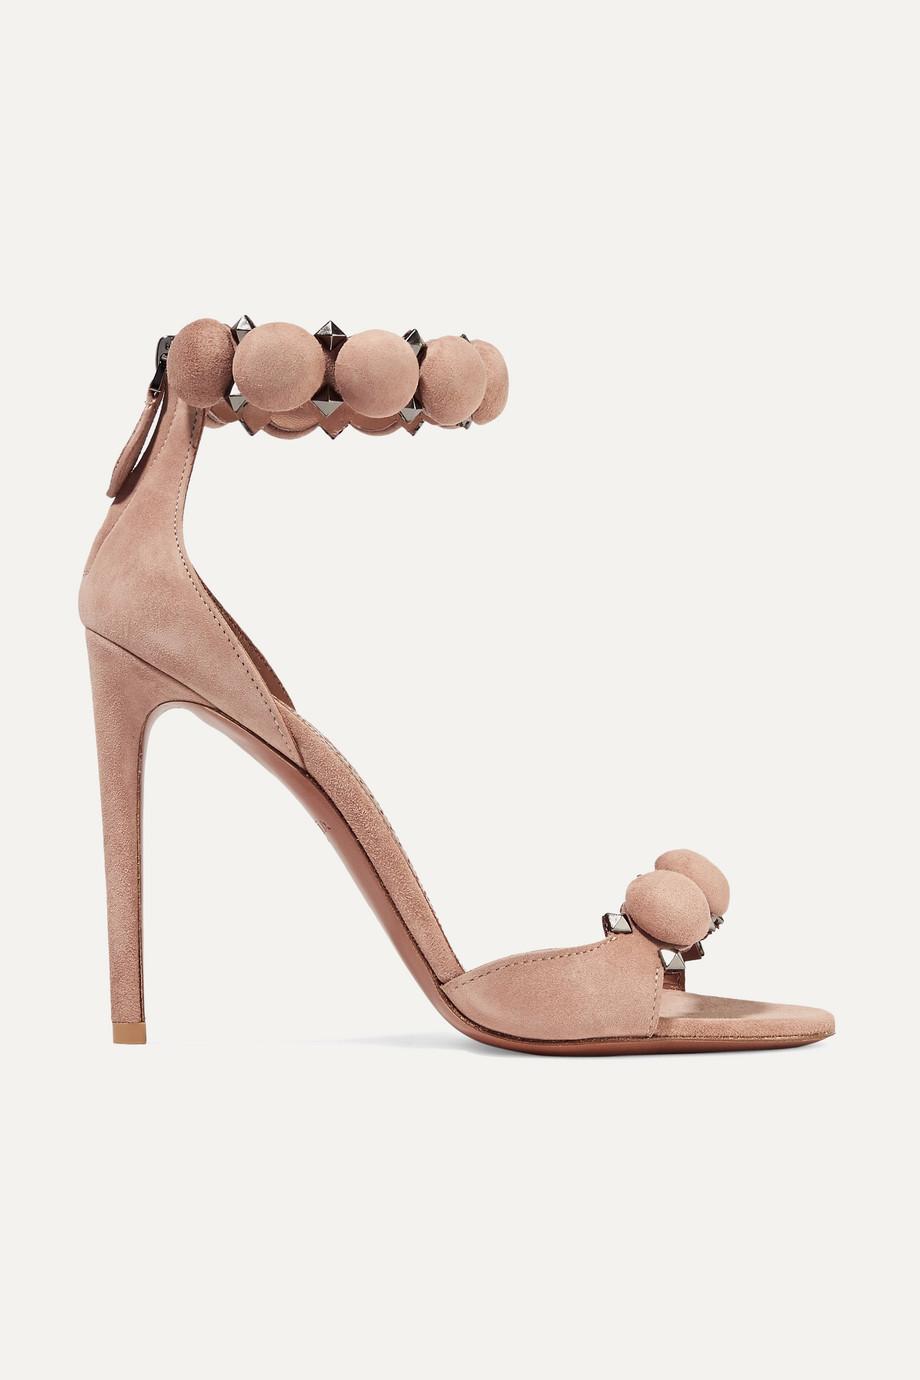 Alaïa Bombe 110 studded suede sandals